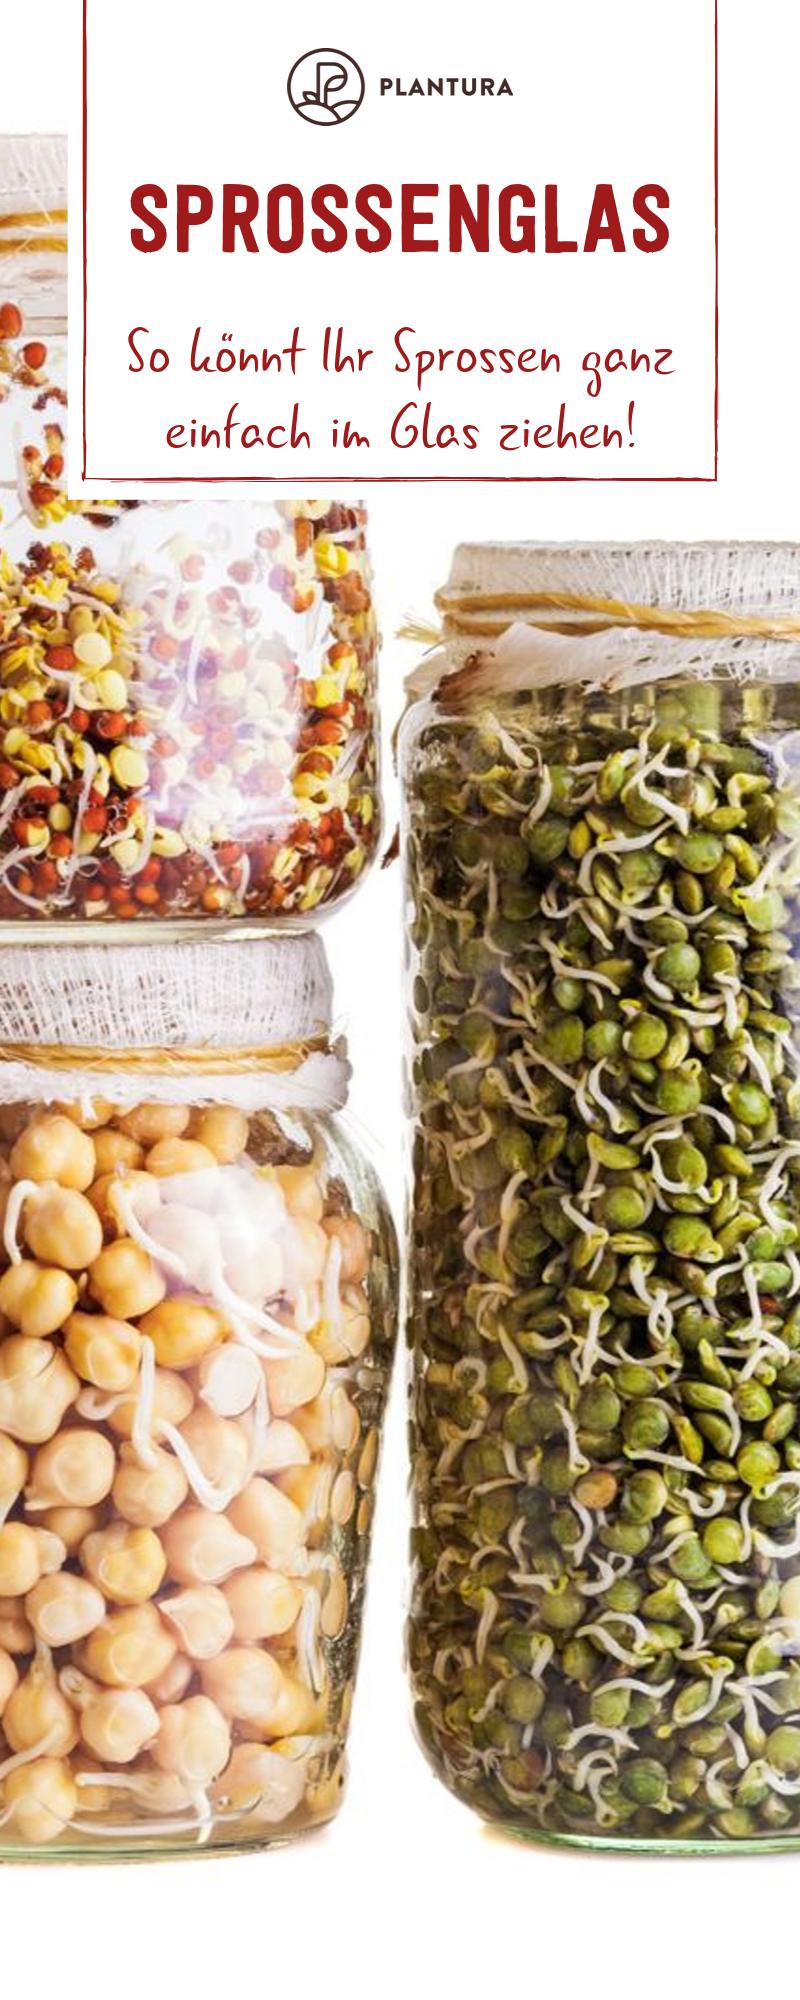 Sprossenglas: So gelingt der Anbau zu Hause kinderleicht - Plantura #nutritionhealthyeating